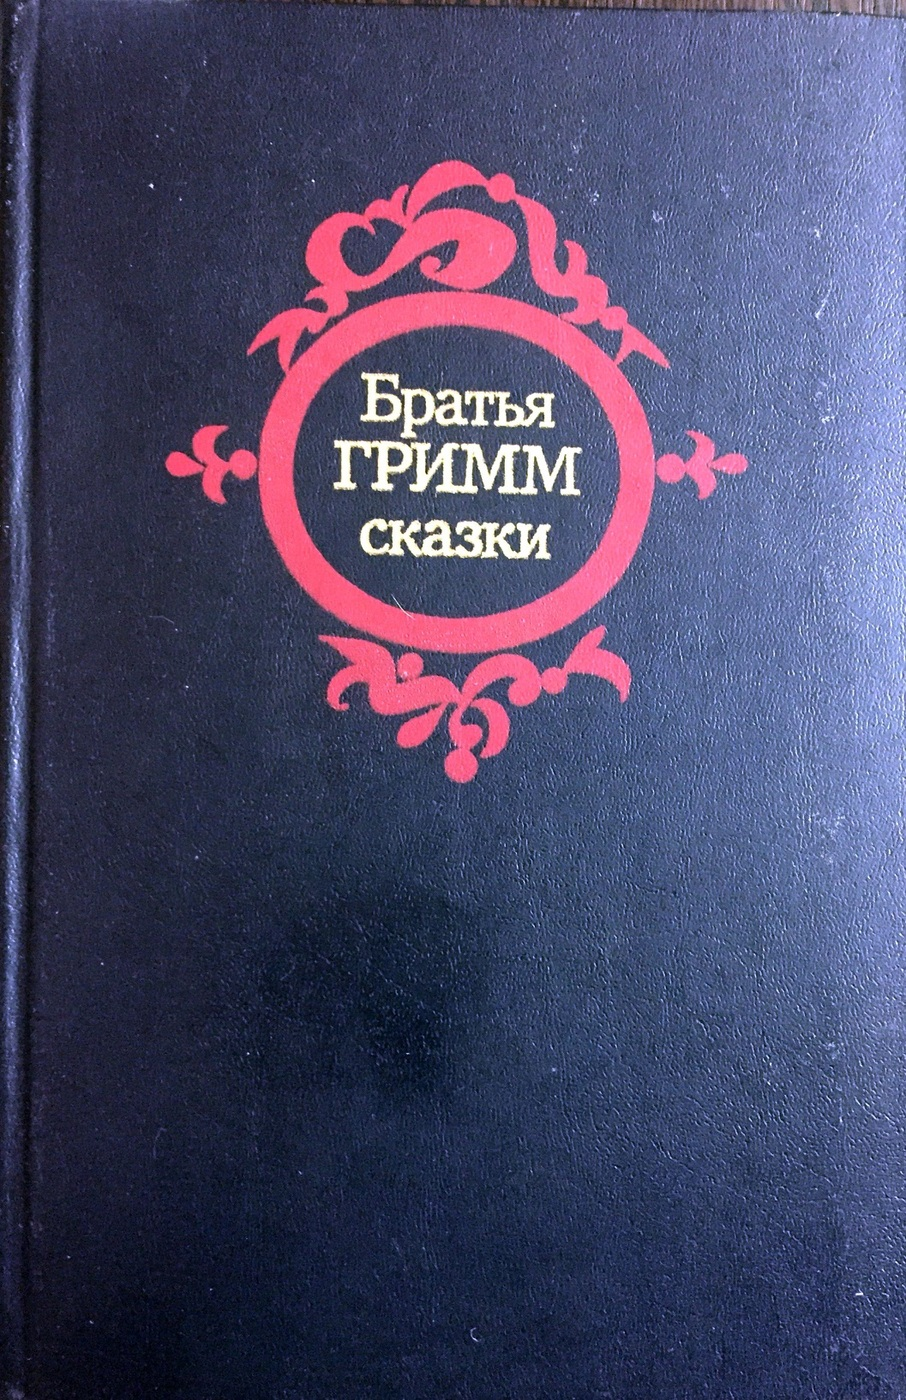 книги братьев гримм оригинал москвичей сейчас есть